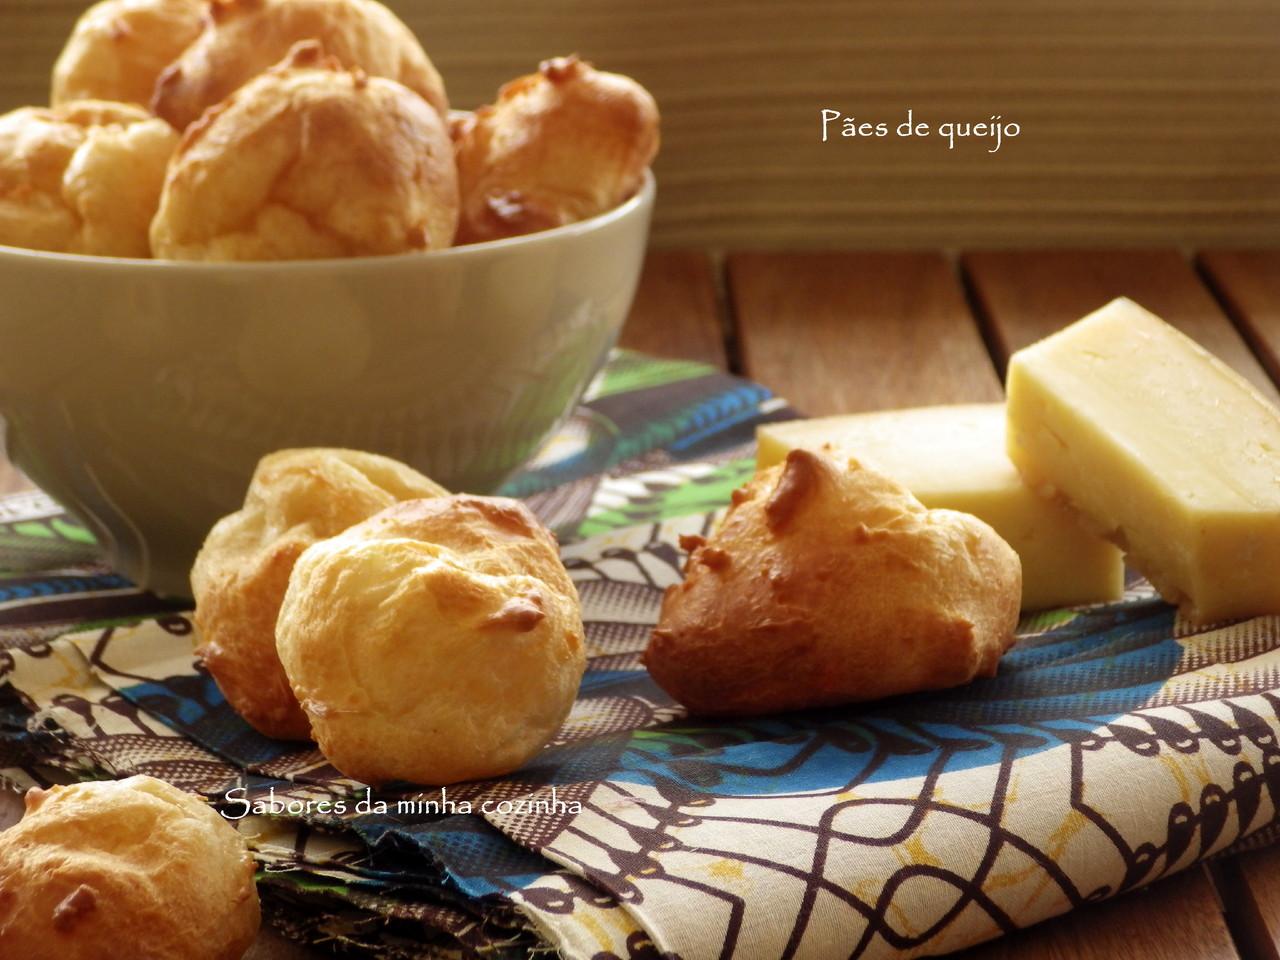 IMGP5308-Pãezinhos de queijo-Blog.JPG